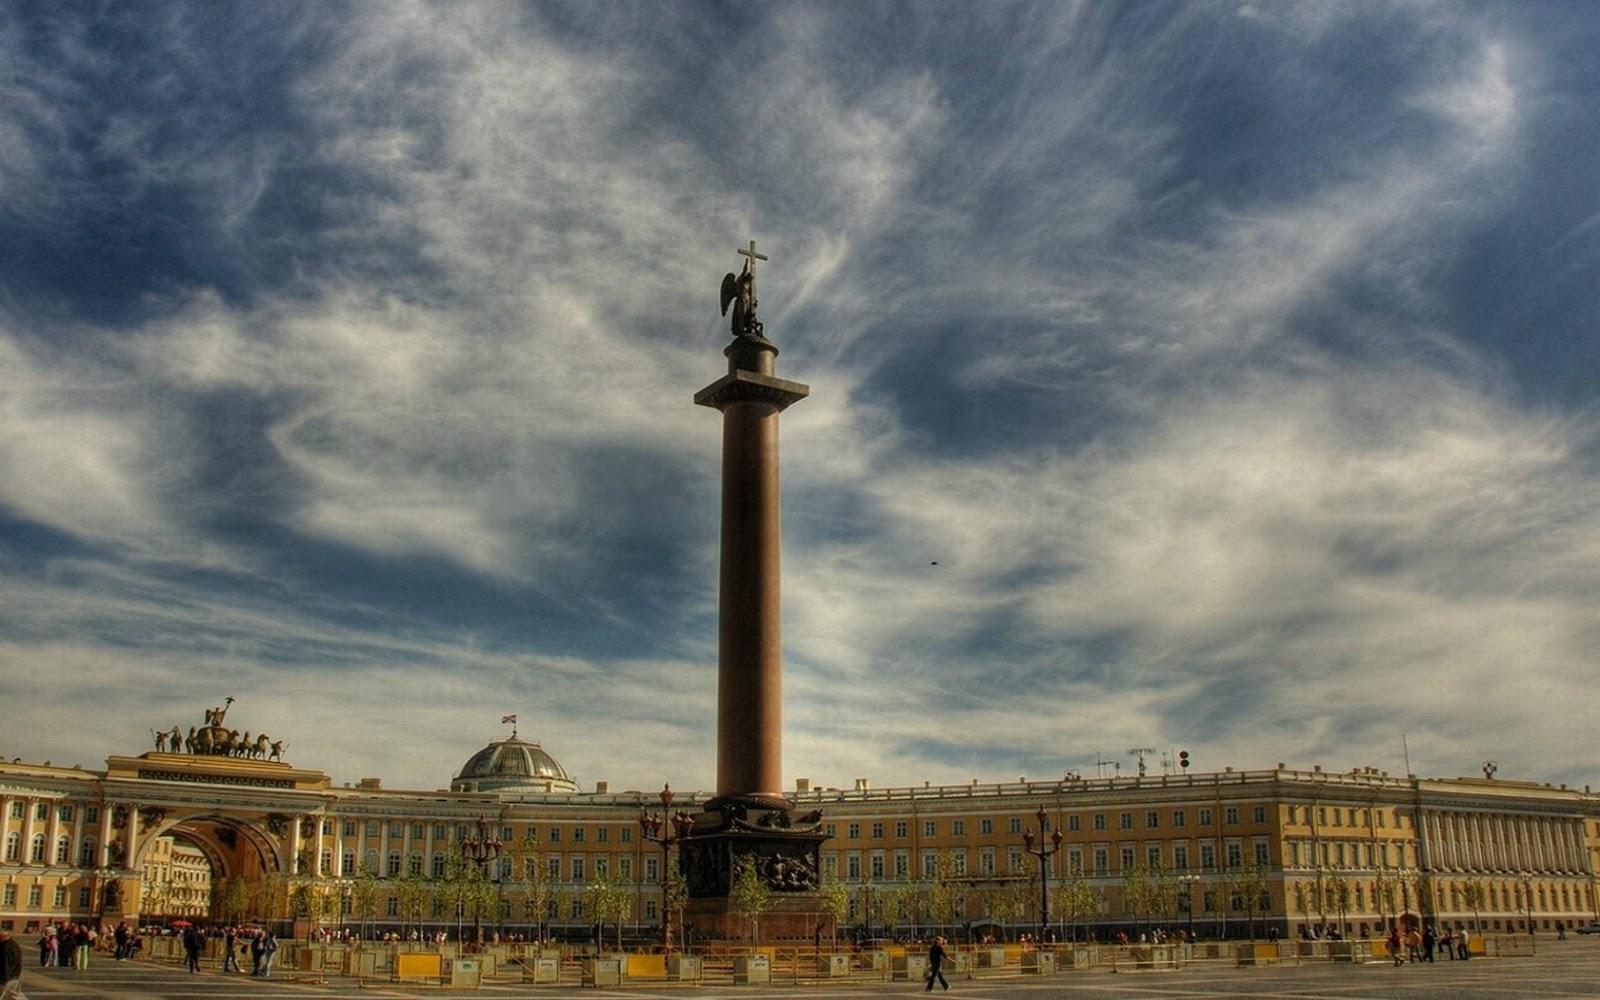 Plaza del Palacio y Columna de Alejandro